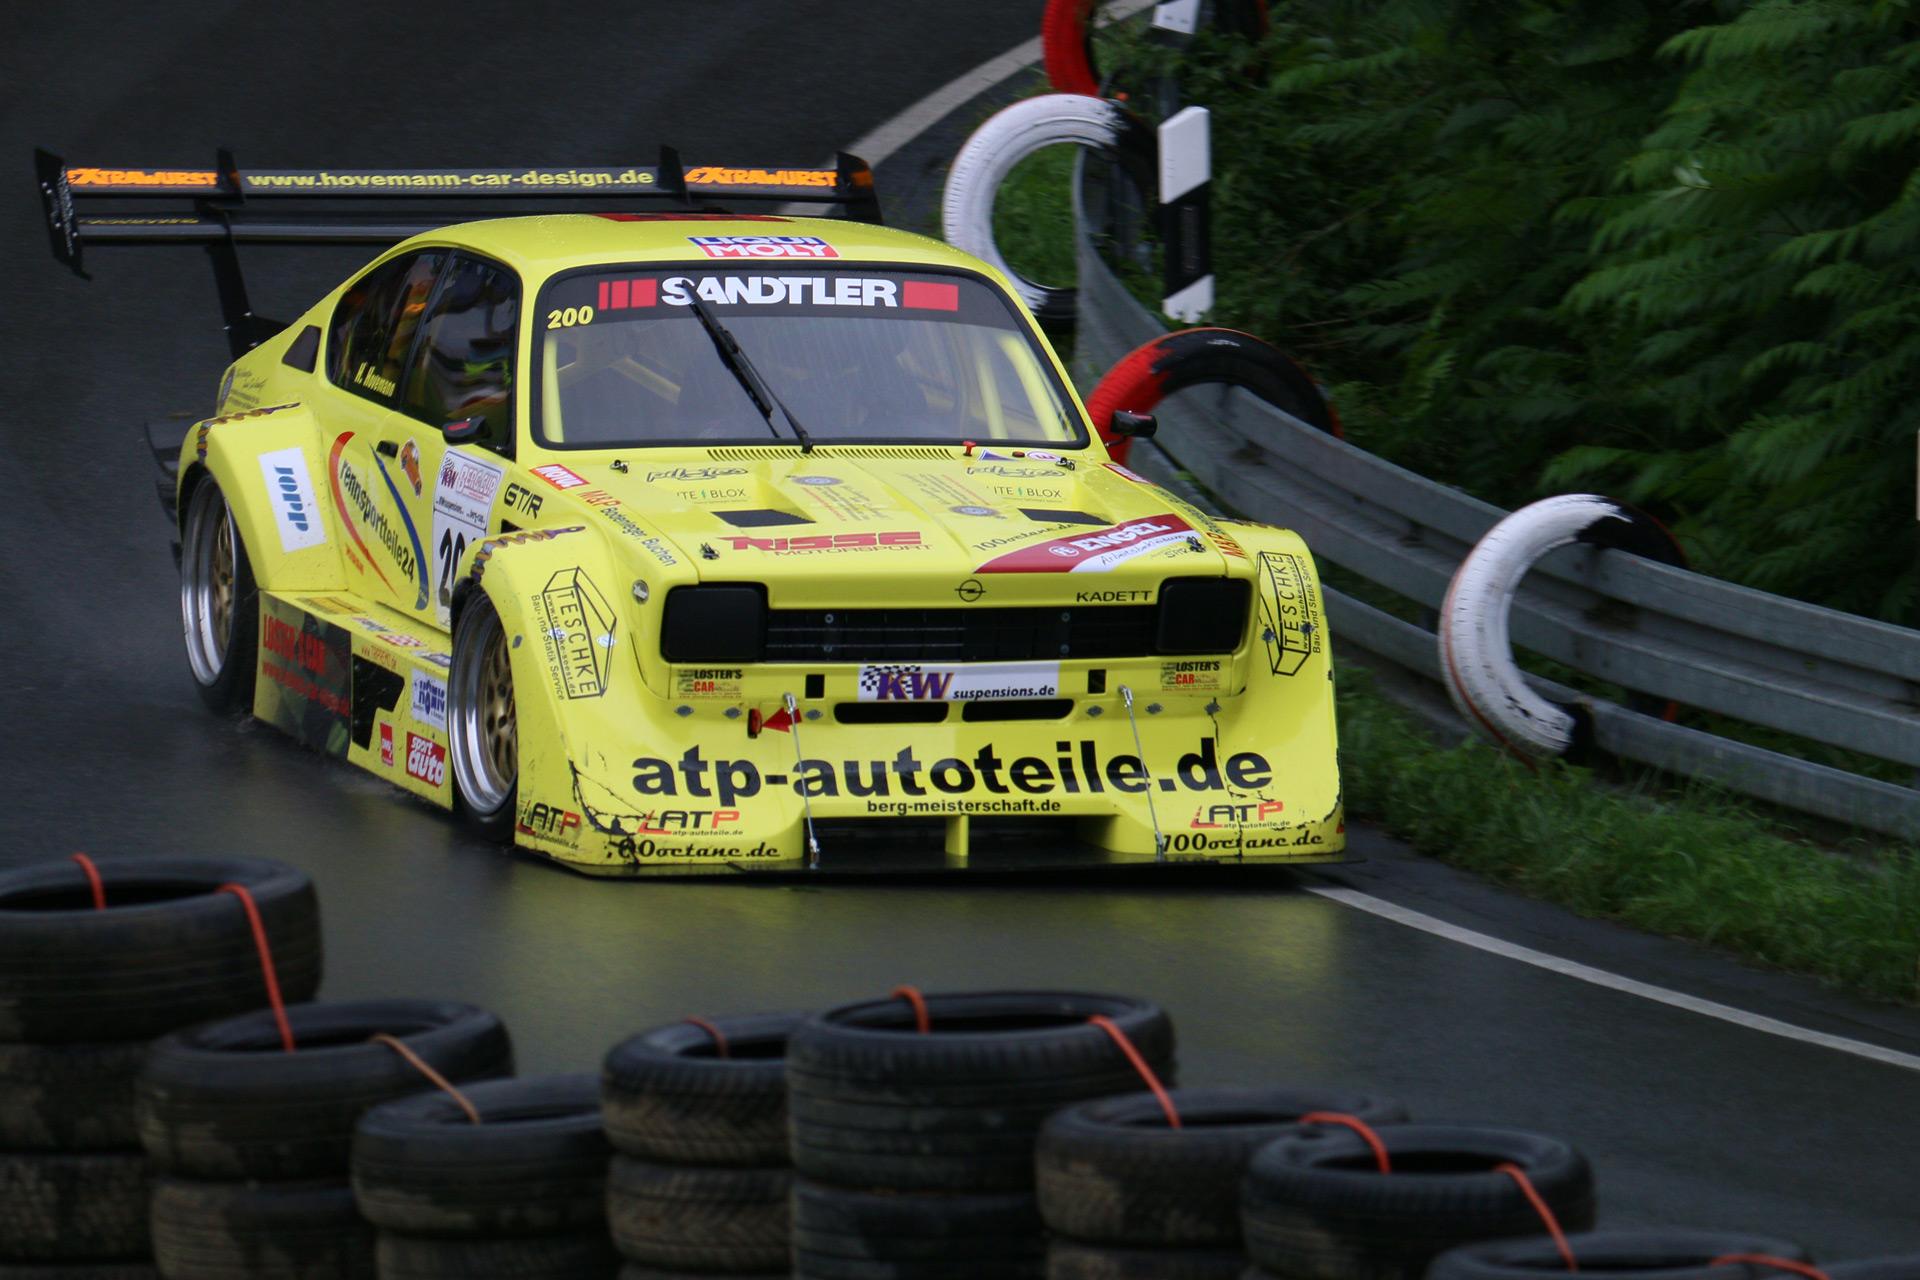 Holger Hovemann ist sicher, bis zum 50. Int. Osnabrücker Bergrennen am 1. Augustwochenende seinen ultraschnellen und PS-starken Opel Risse Kadett C Coupe V8 GT/R, befeuert von einem 8 Zylinder Lotus-Motor präsentieren zu können.